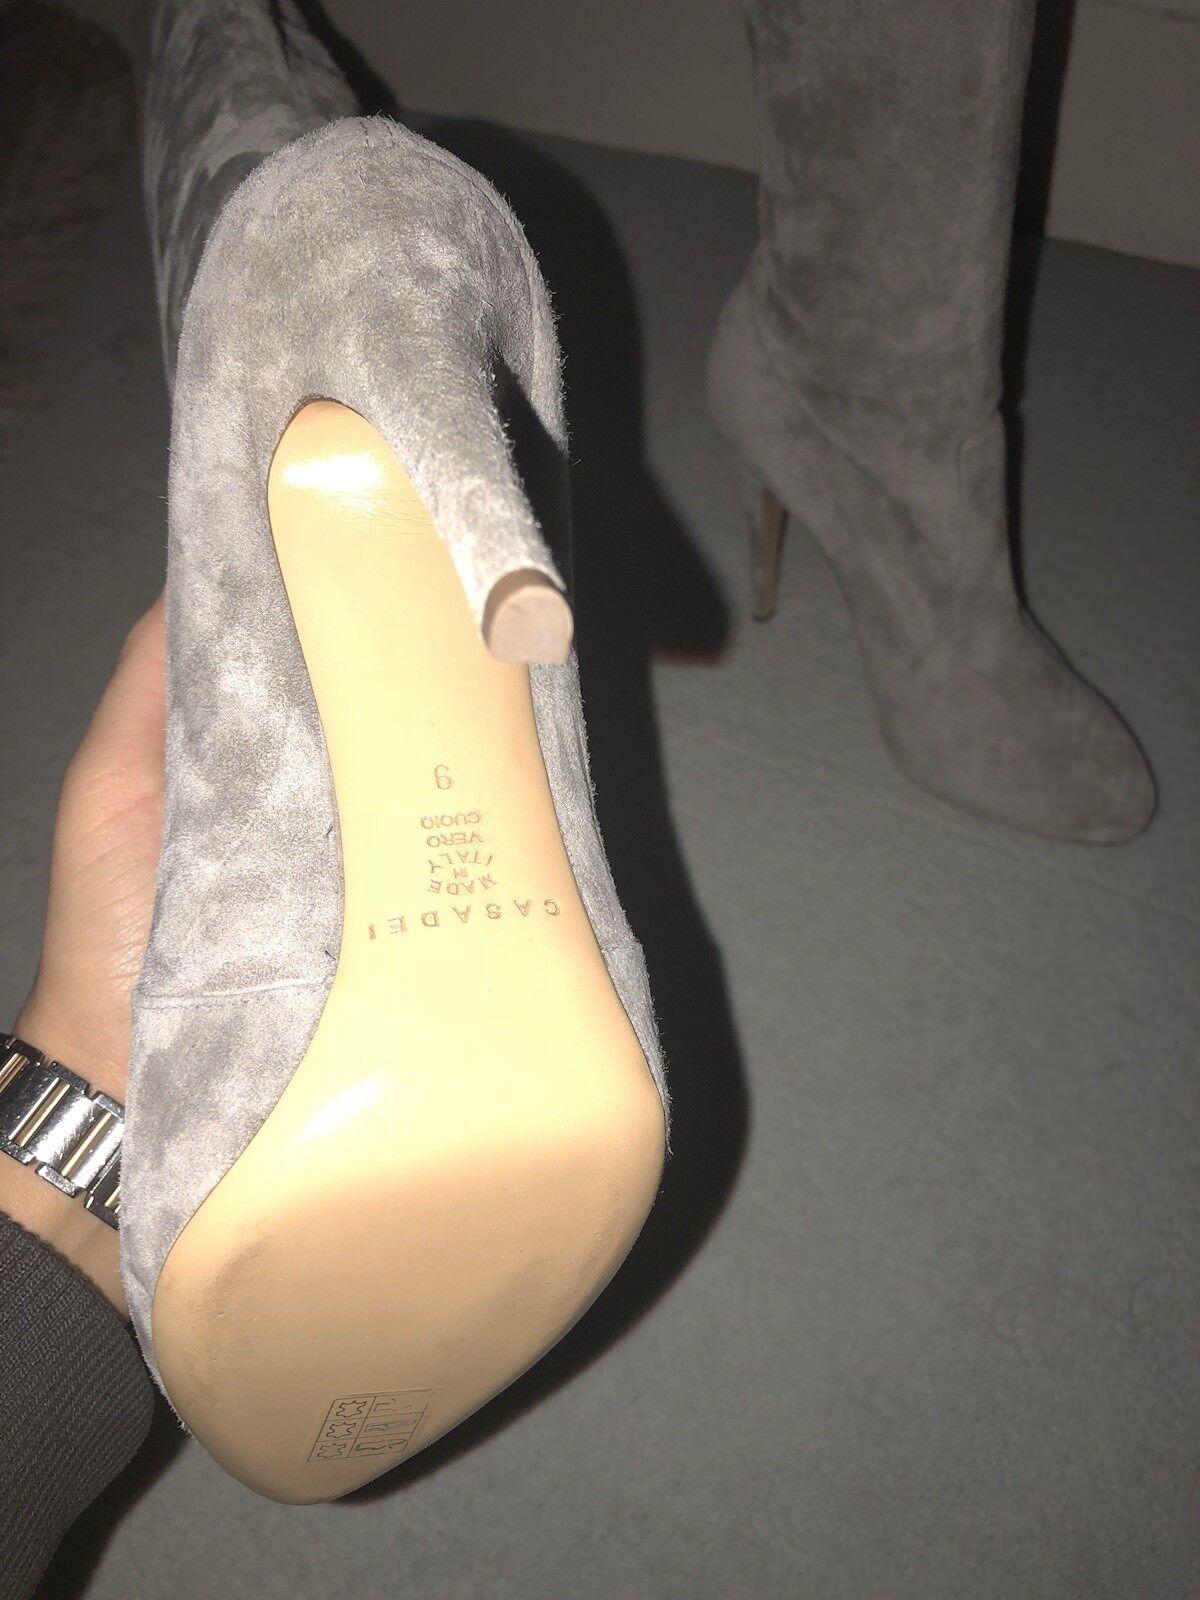 Casadei Suede Beige Stone Heeled Stiefel BRAND BRAND BRAND NEW 9c463a